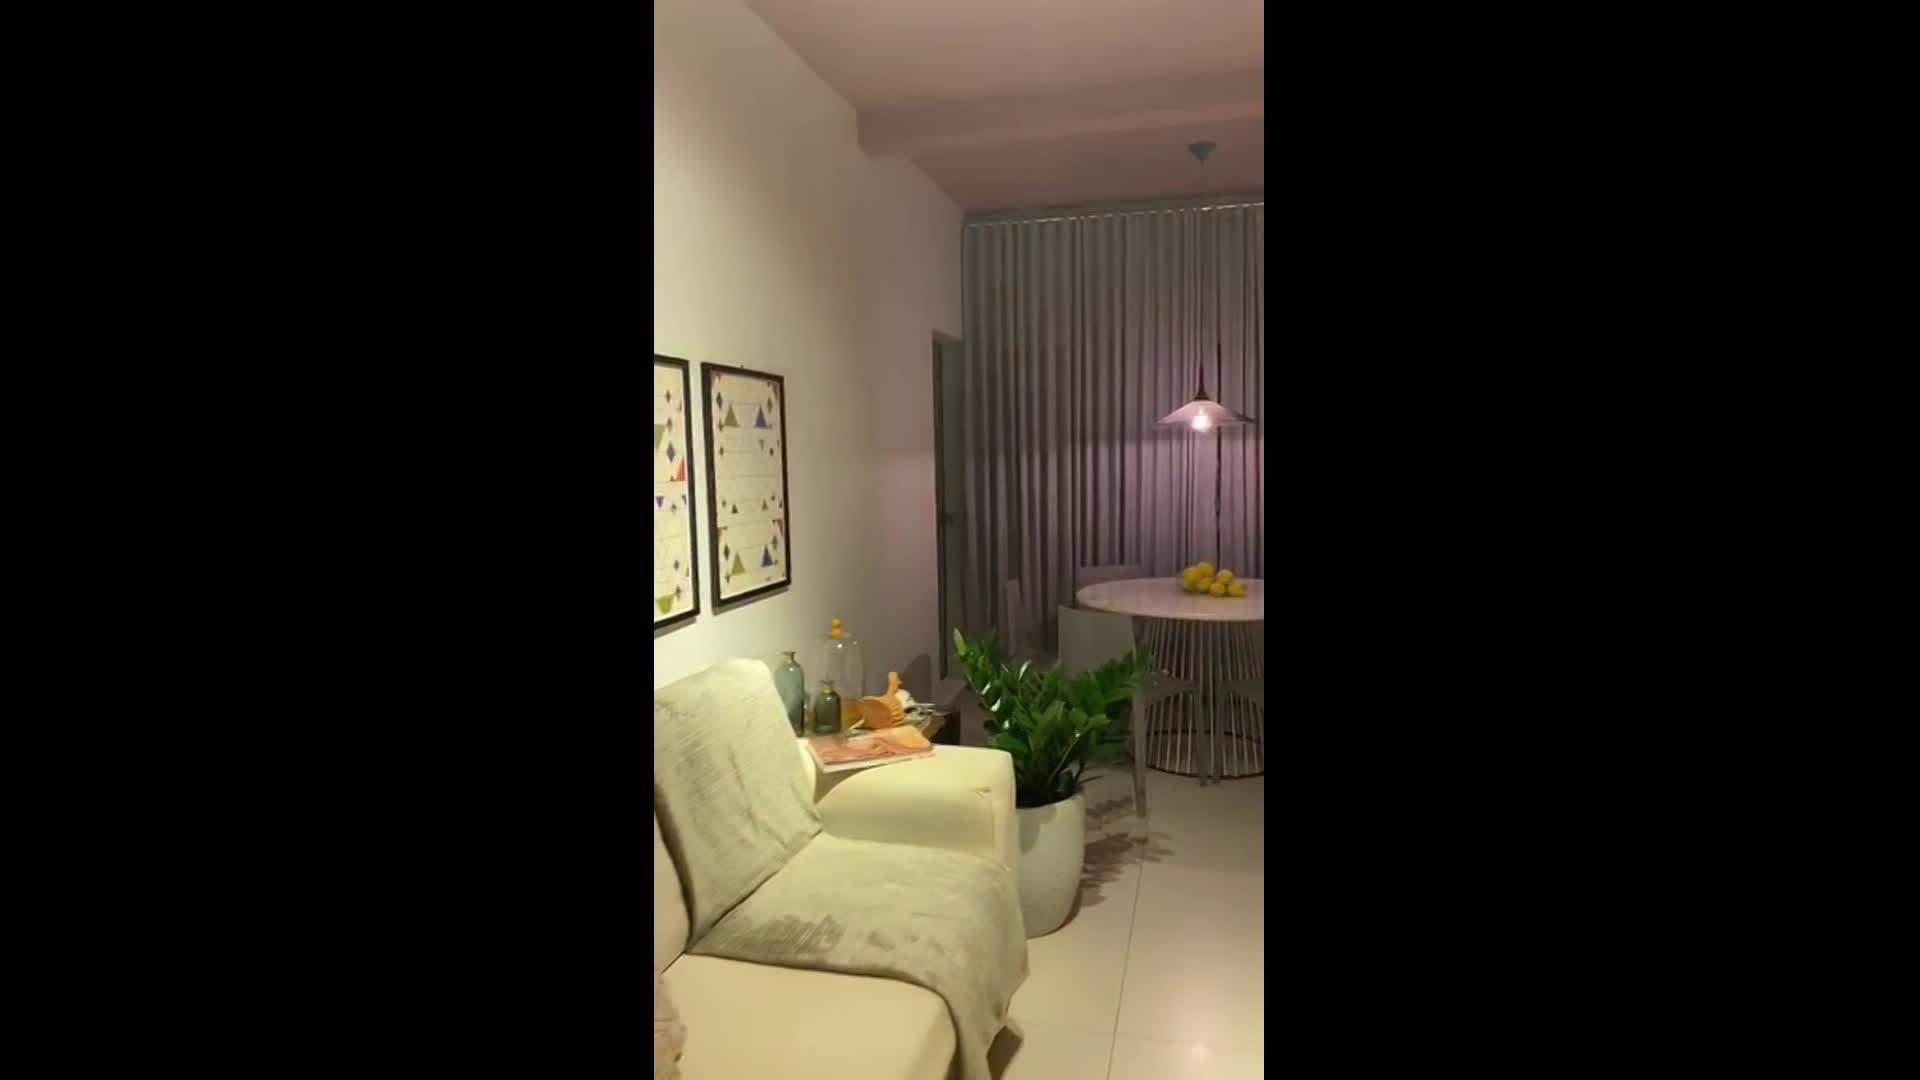 Arquiteto dá dicas de otimizar espaço em casa e ter mais conforto durante a quarentena